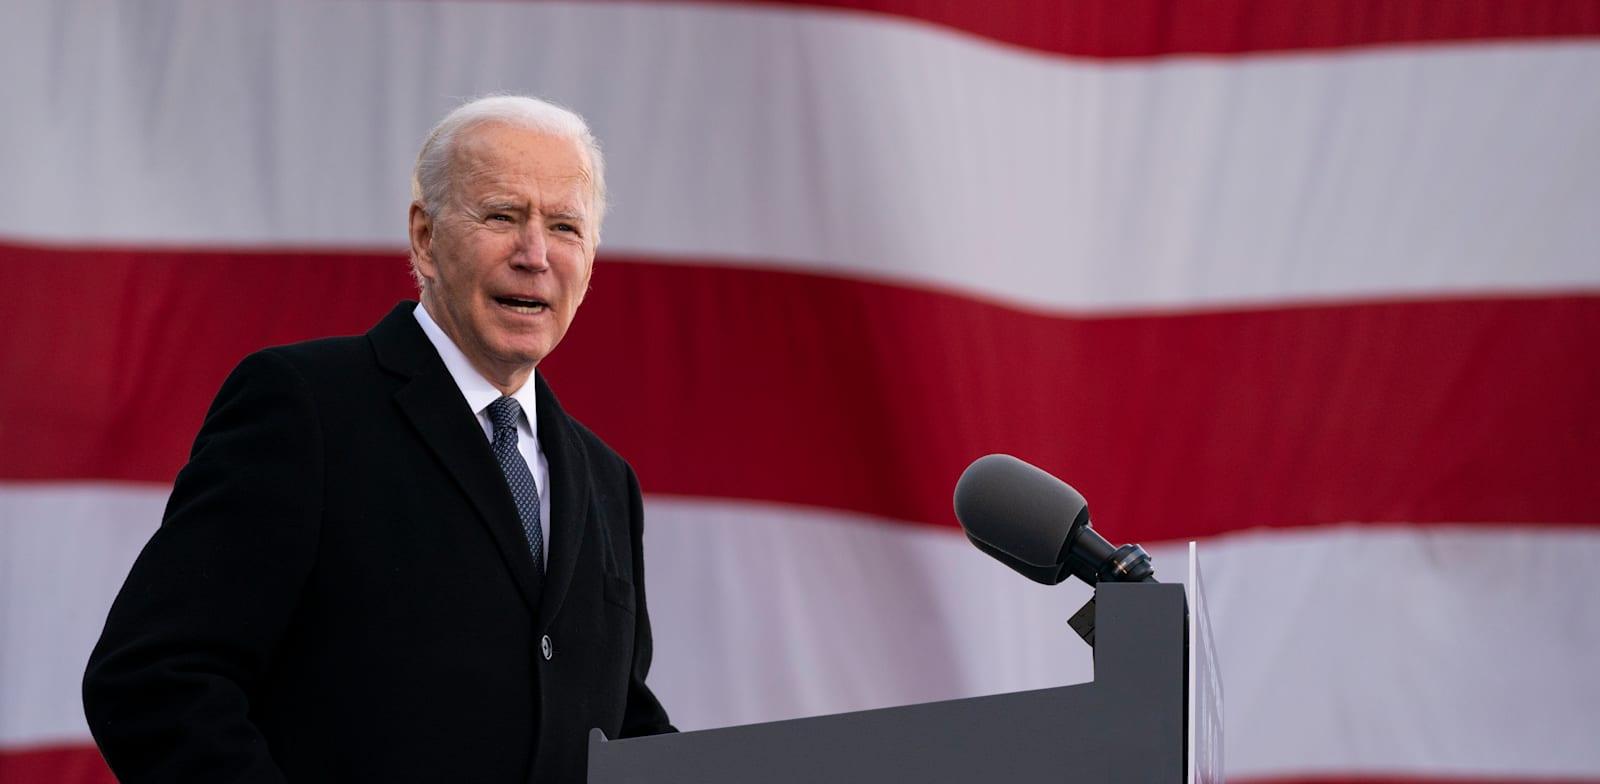 הנשיא ה־46 ג'ו ביידן בבסיס המשמר הלאומי בדלאוור, על שם בנו, בו ביידן, שמת מסרטן, יום שלישי / צילום: Associated Press, Evan Vucci